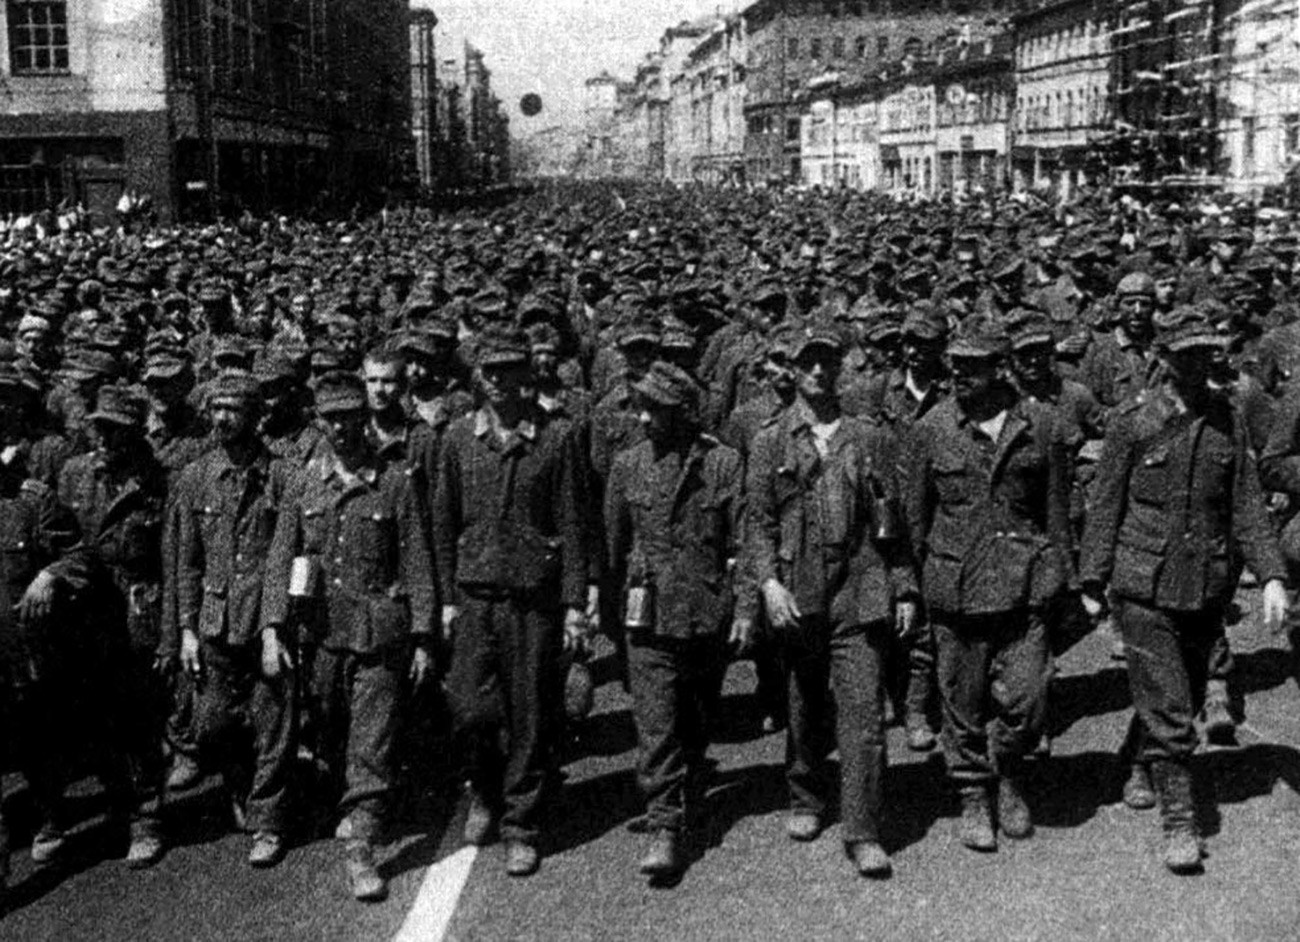 Le défilé des prisonniers de guerre allemands à Moscou